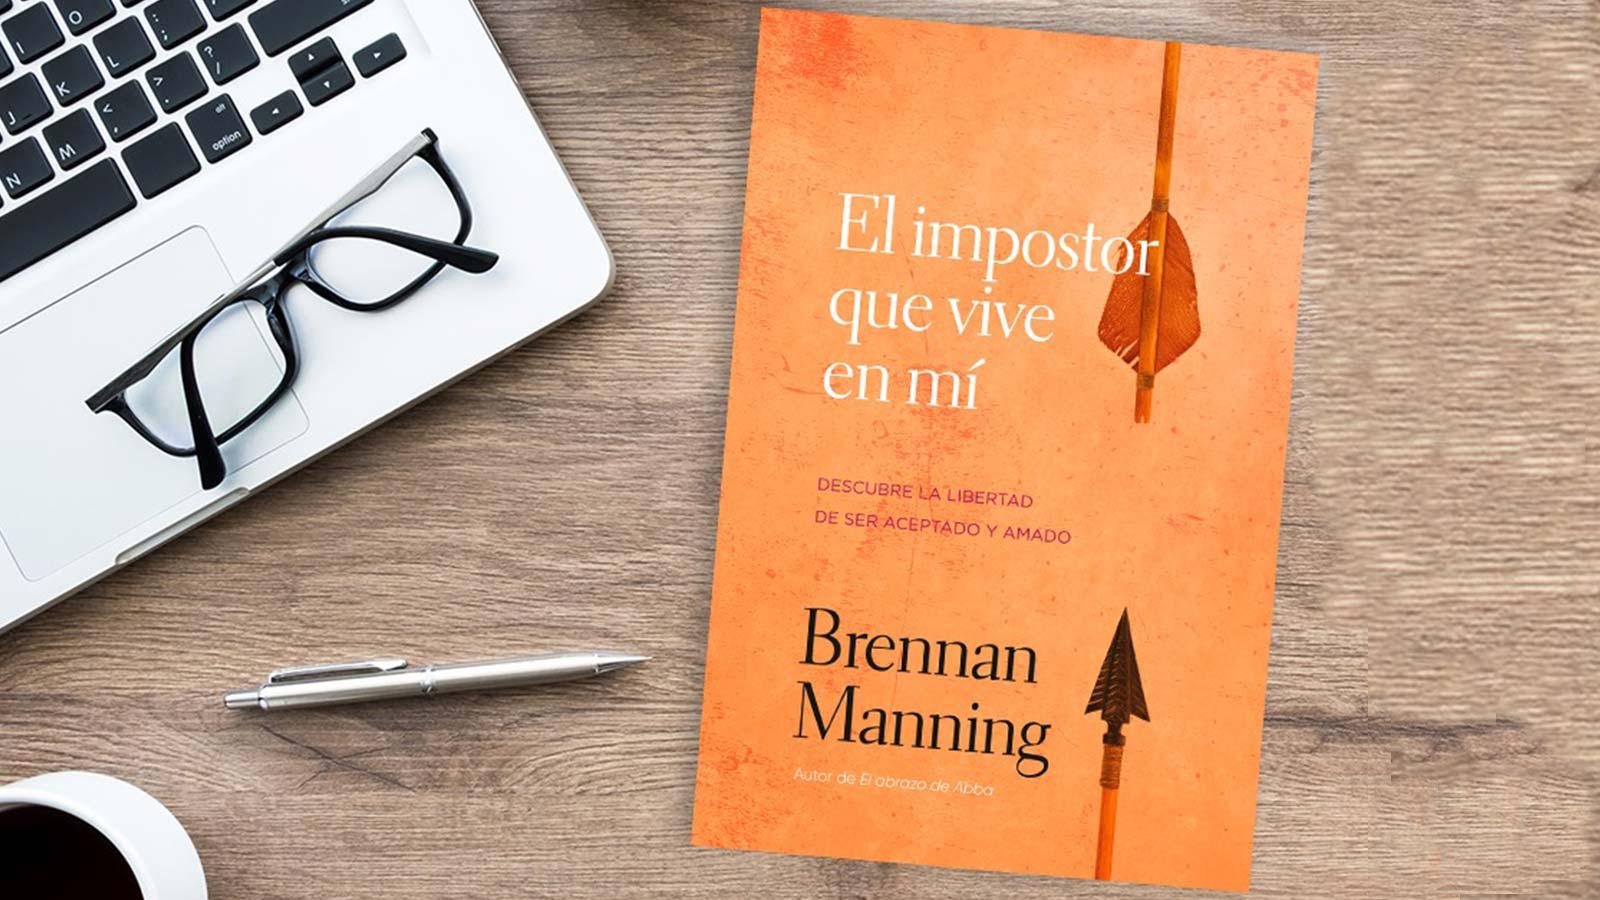 Bernan-Maning-el-impostor-que-vive-en-mi